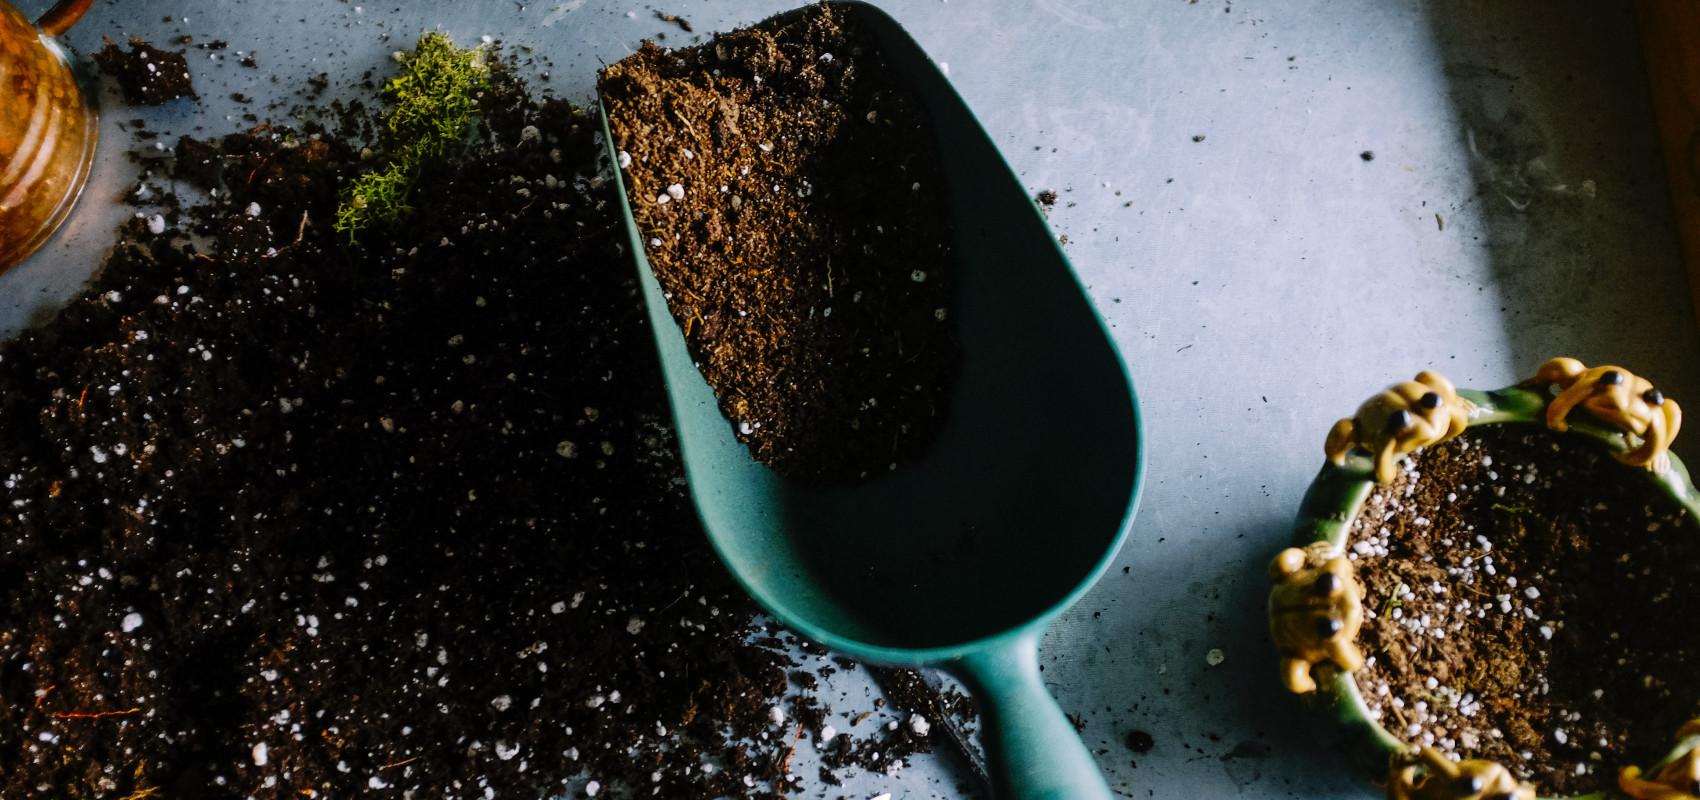 Jakie środki wspomagające rośliny wybrać, by mieć piękny ogród?